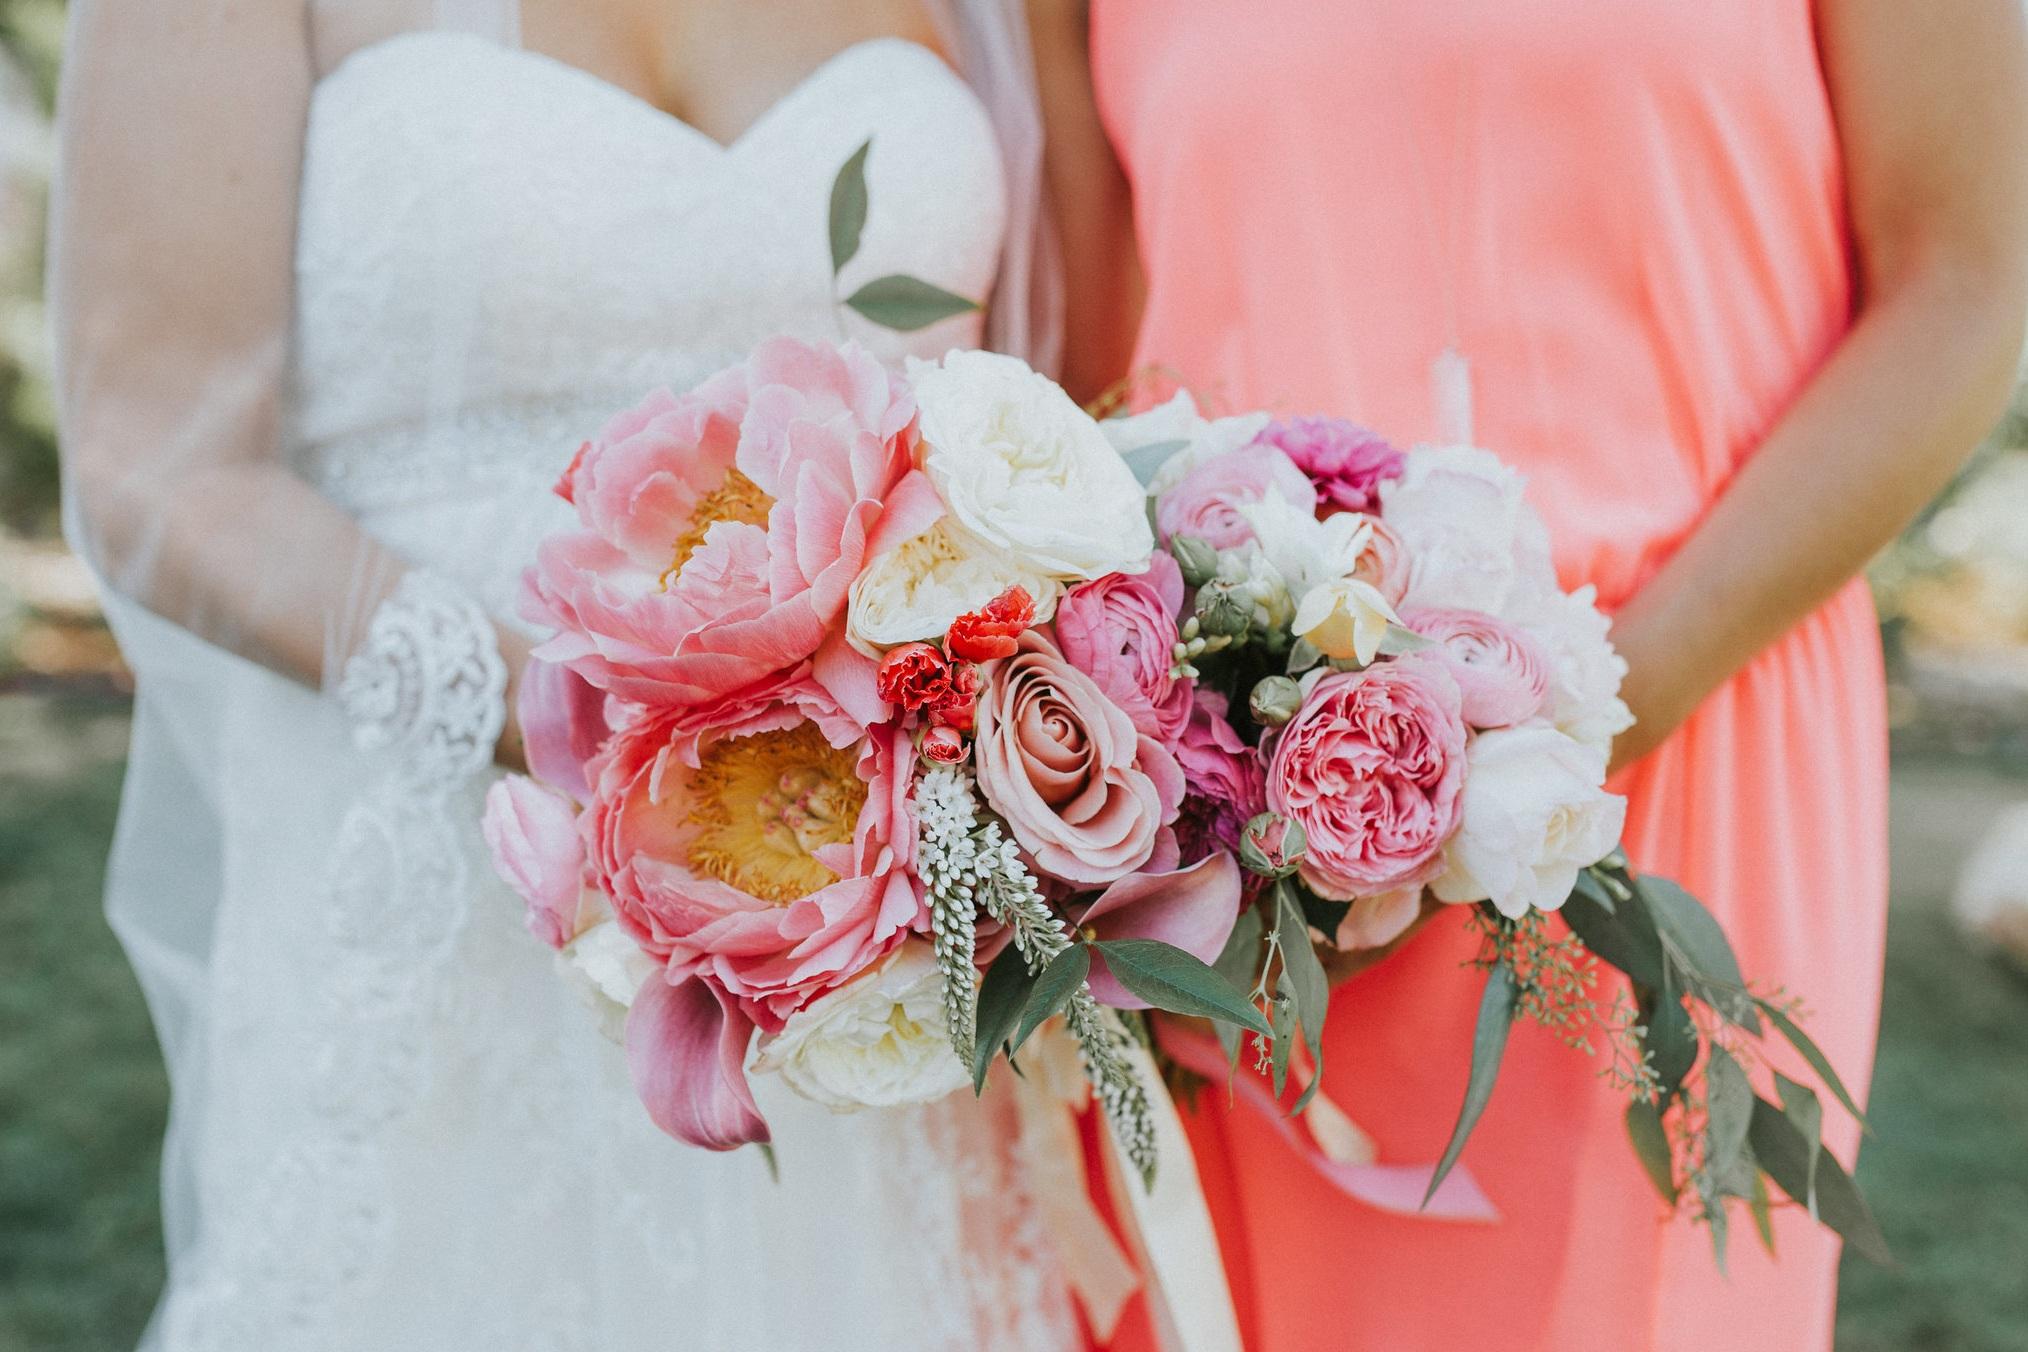 Secret+Garden+bride+and+bridesmaid.jpg